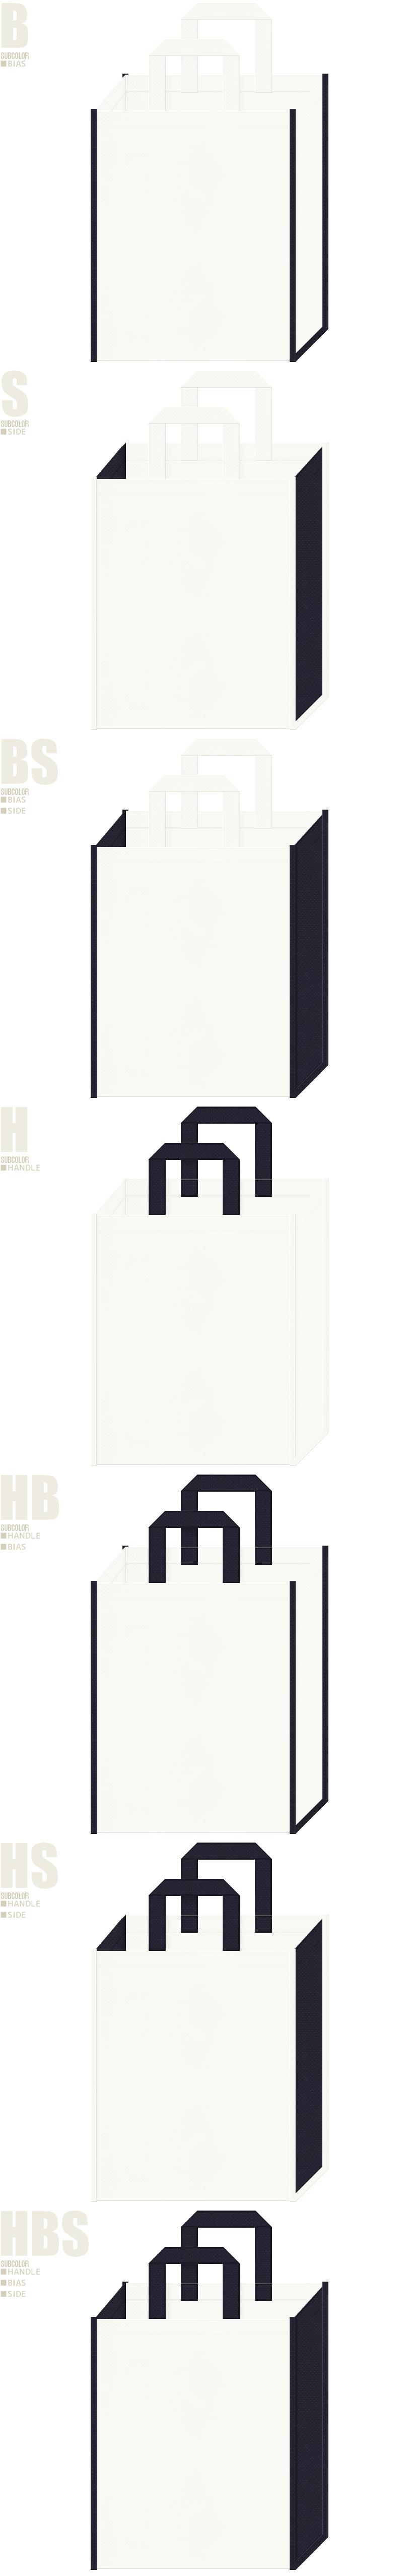 学校・オープンキャンパス・学習塾・レッスンバッグ・天体観測・プラネタリウム・野外コンサート・星空・天文・水産・海運・船舶・潜水艦・港湾・マリンルック・クルージング・ヨット・ボート・マリンスポーツ用品の展示会用バッグにお奨めの不織布バッグデザイン:オフホワイト色と濃紺色の不織布バッグ配色7パターン